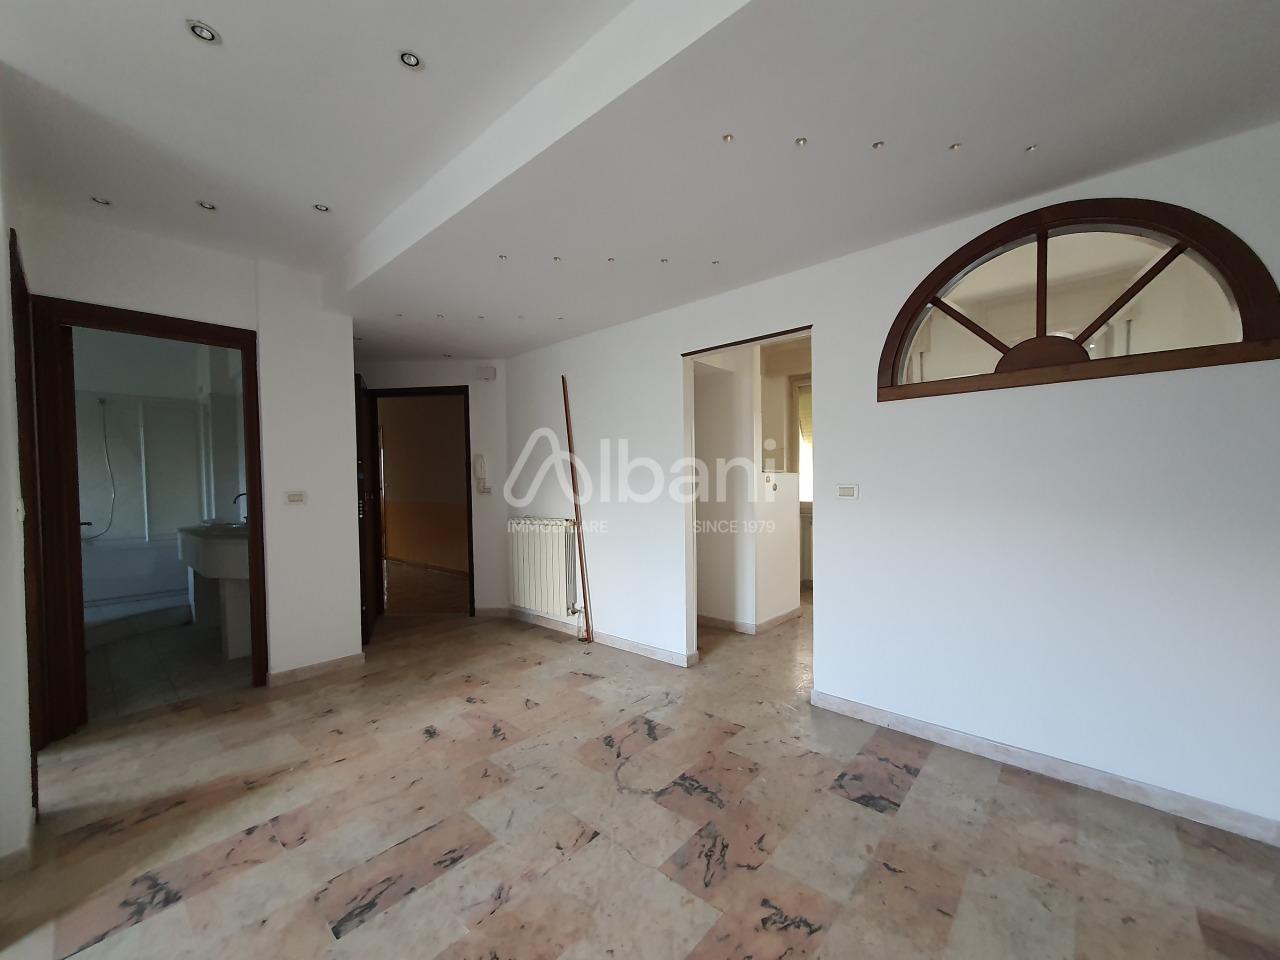 Appartamento in vendita a Vezzano Ligure, 5 locali, prezzo € 120.000 | PortaleAgenzieImmobiliari.it